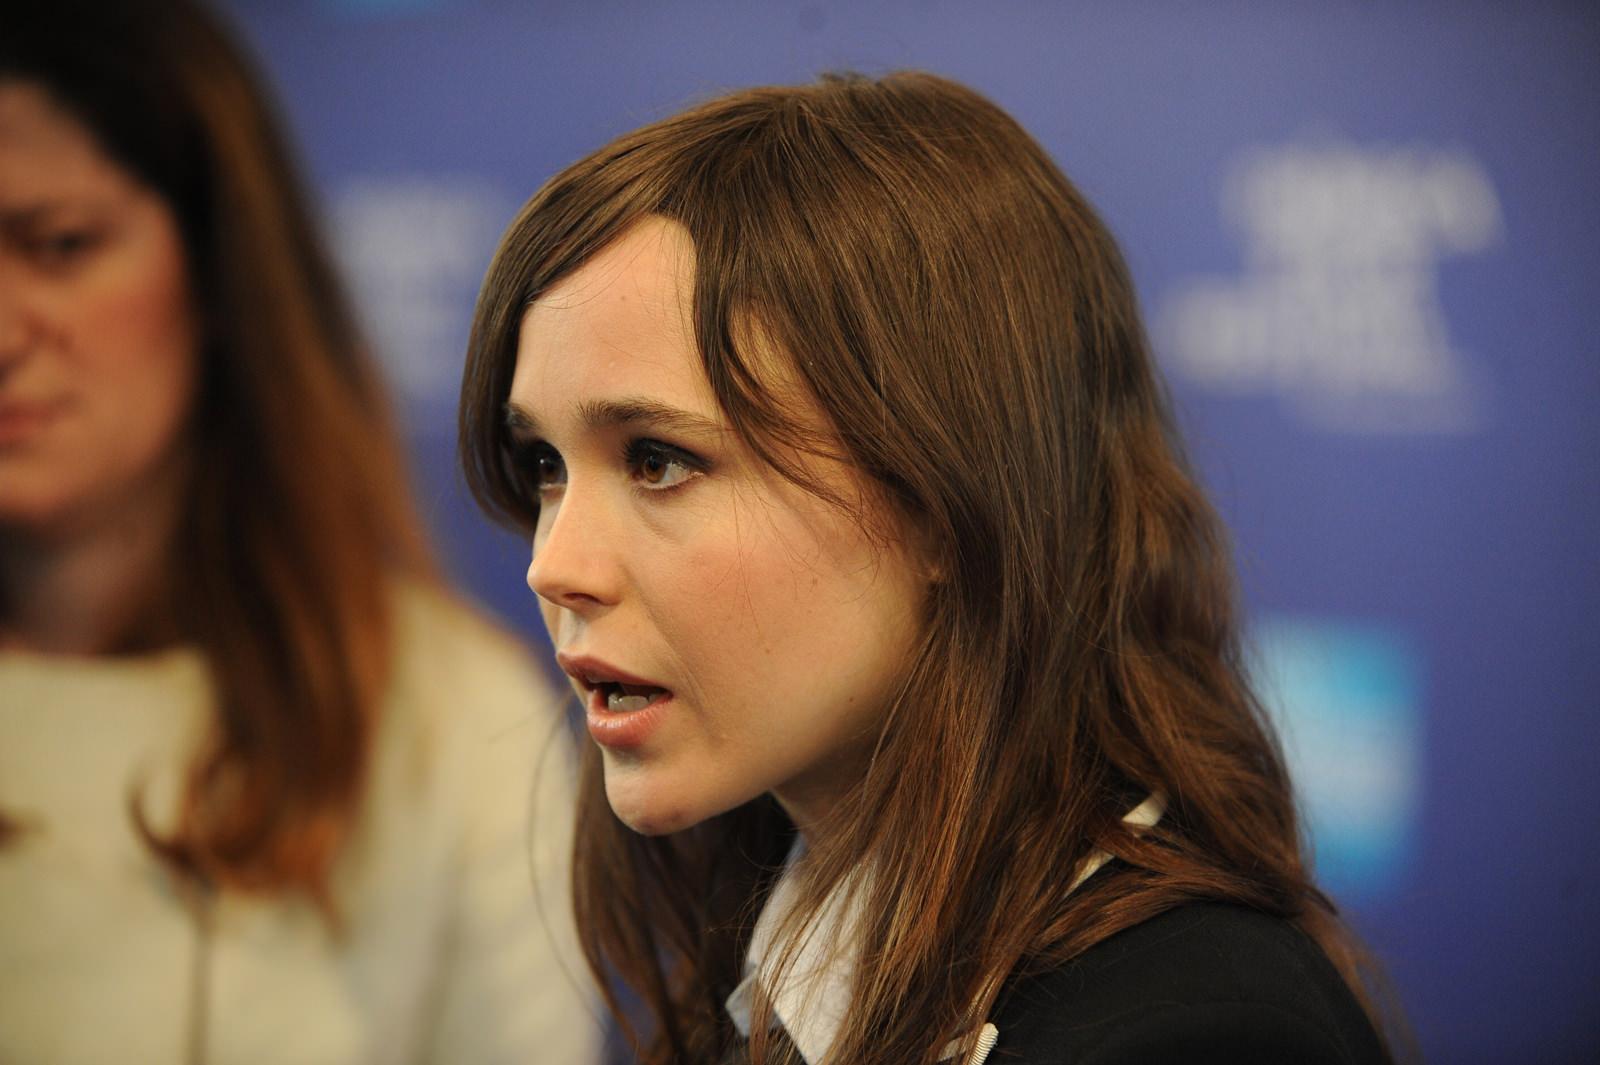 Ellen Page Photo Gallery